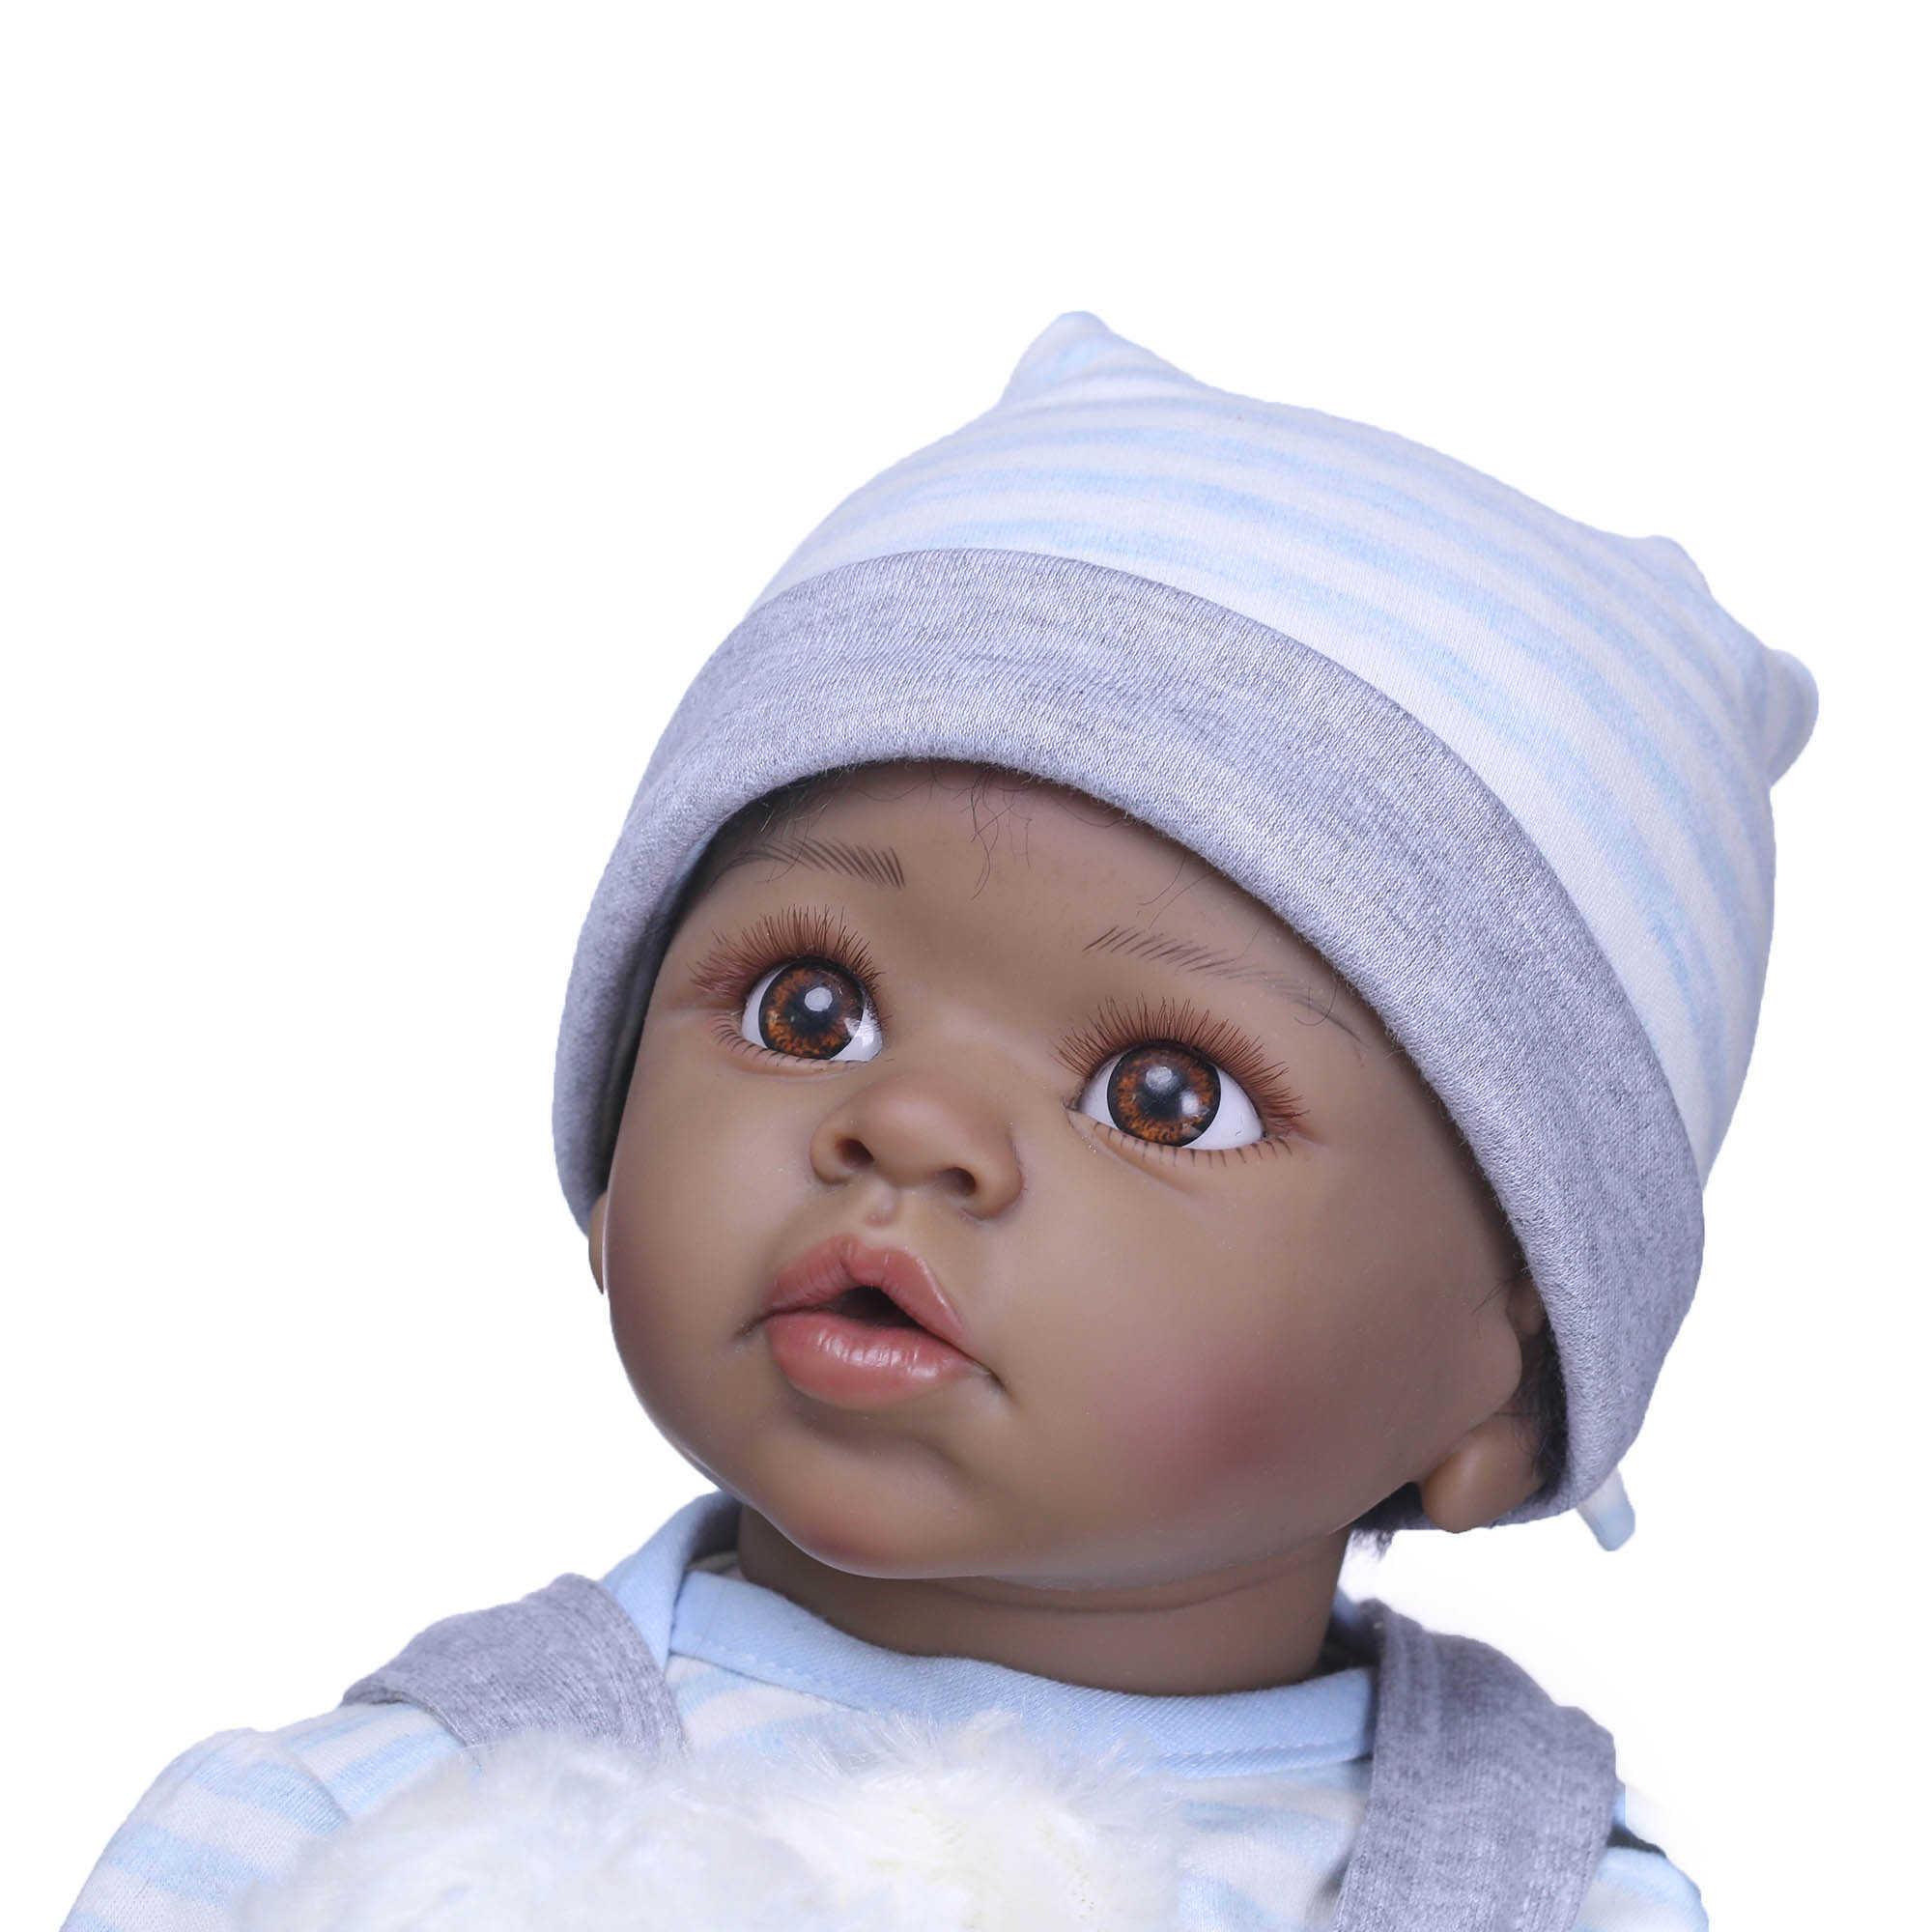 """22 """"검은 아프리카 계 미국인 다시 태어난 아기 인형 소년 비닐 실리콘 베이비 천 몸 살아있는"""